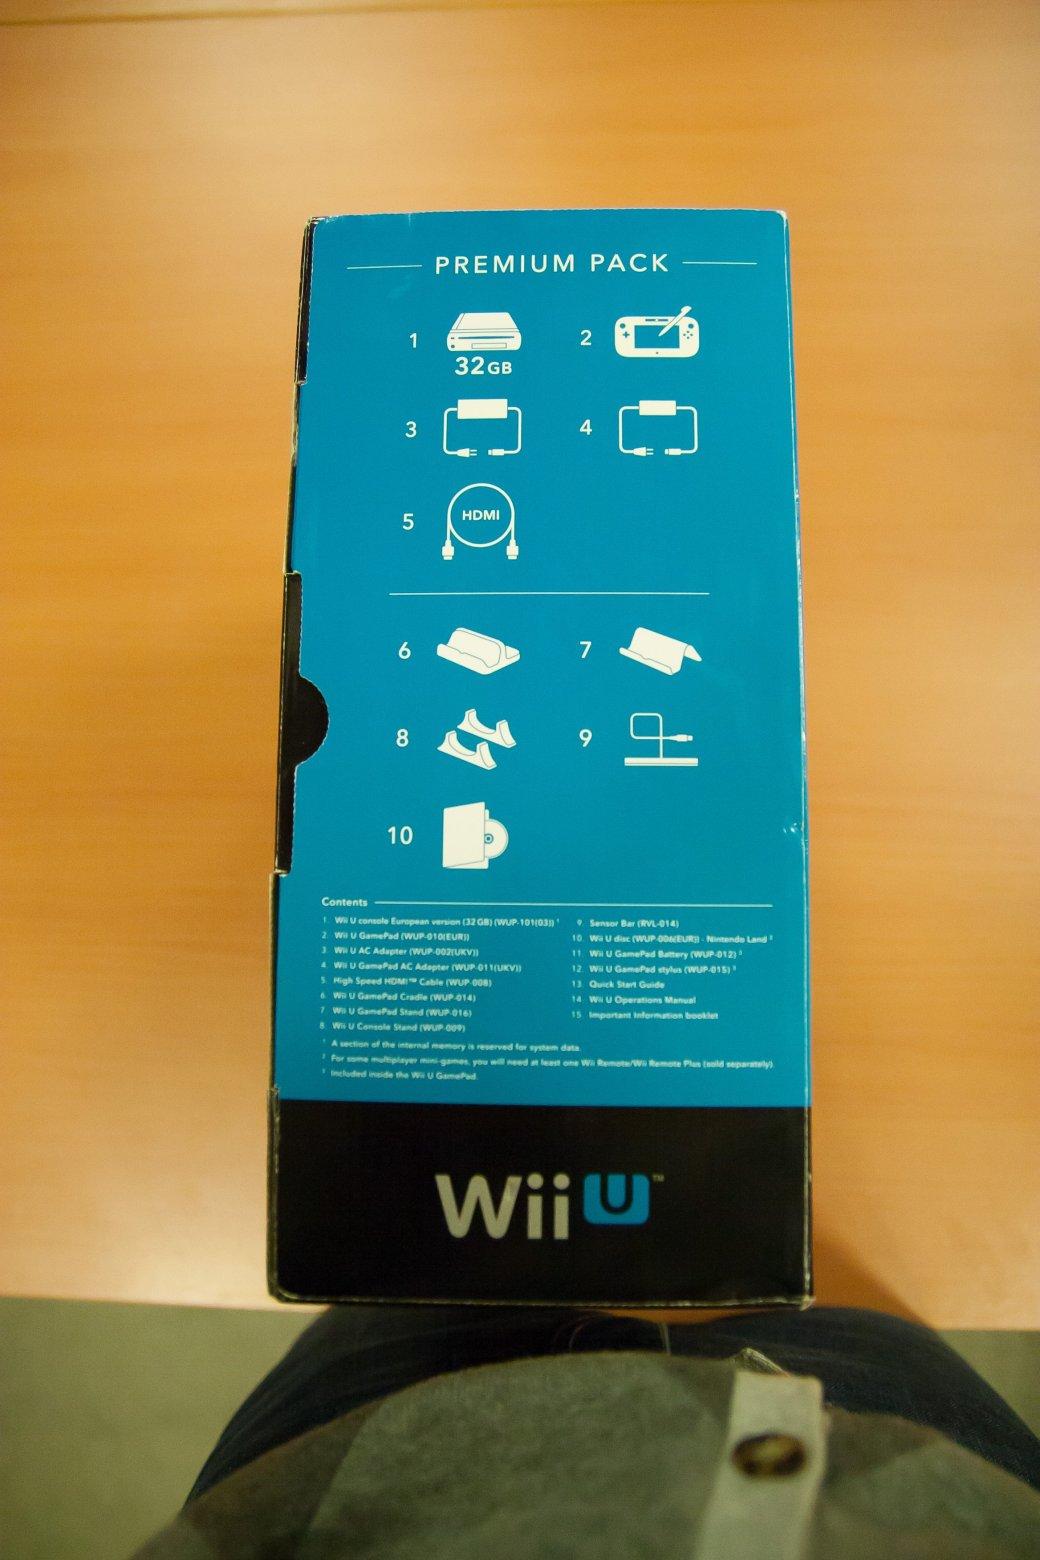 Неделя Nintendo на Канобу! Анбоксинг консоли Wii U - Изображение 4